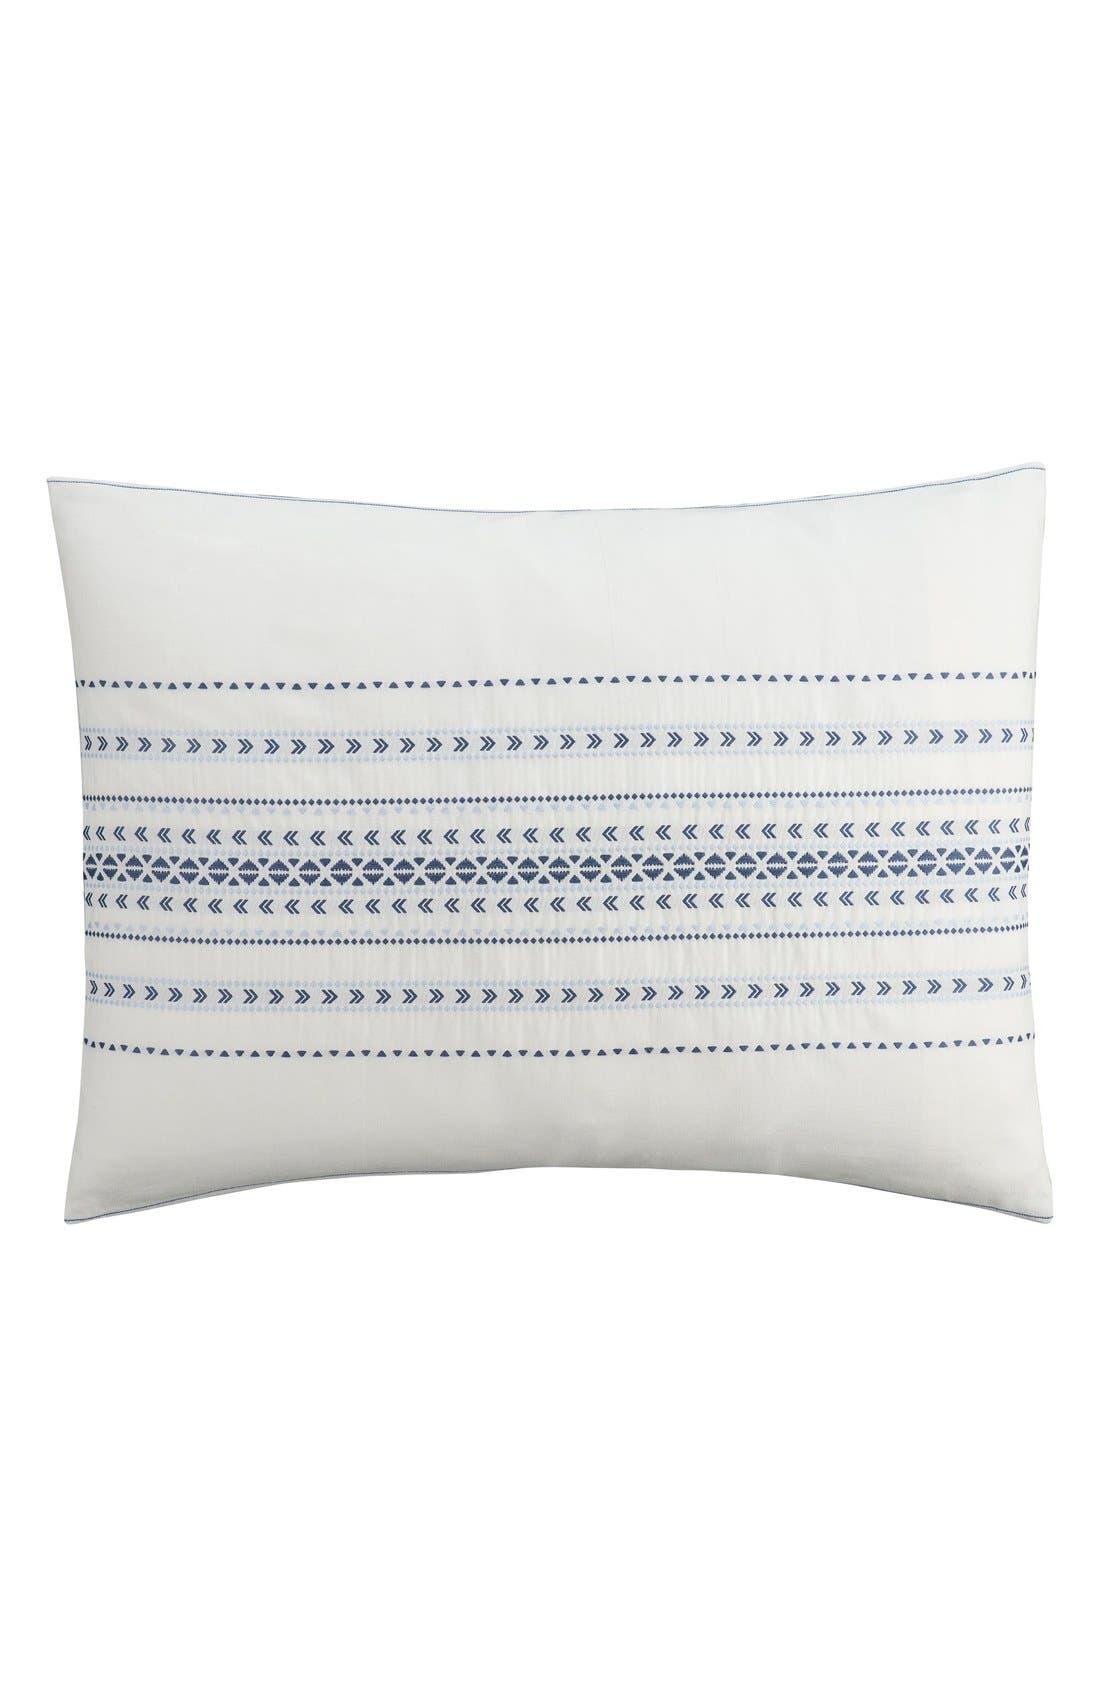 'Indigo Stripe' Sham,                         Main,                         color, White/ Blue